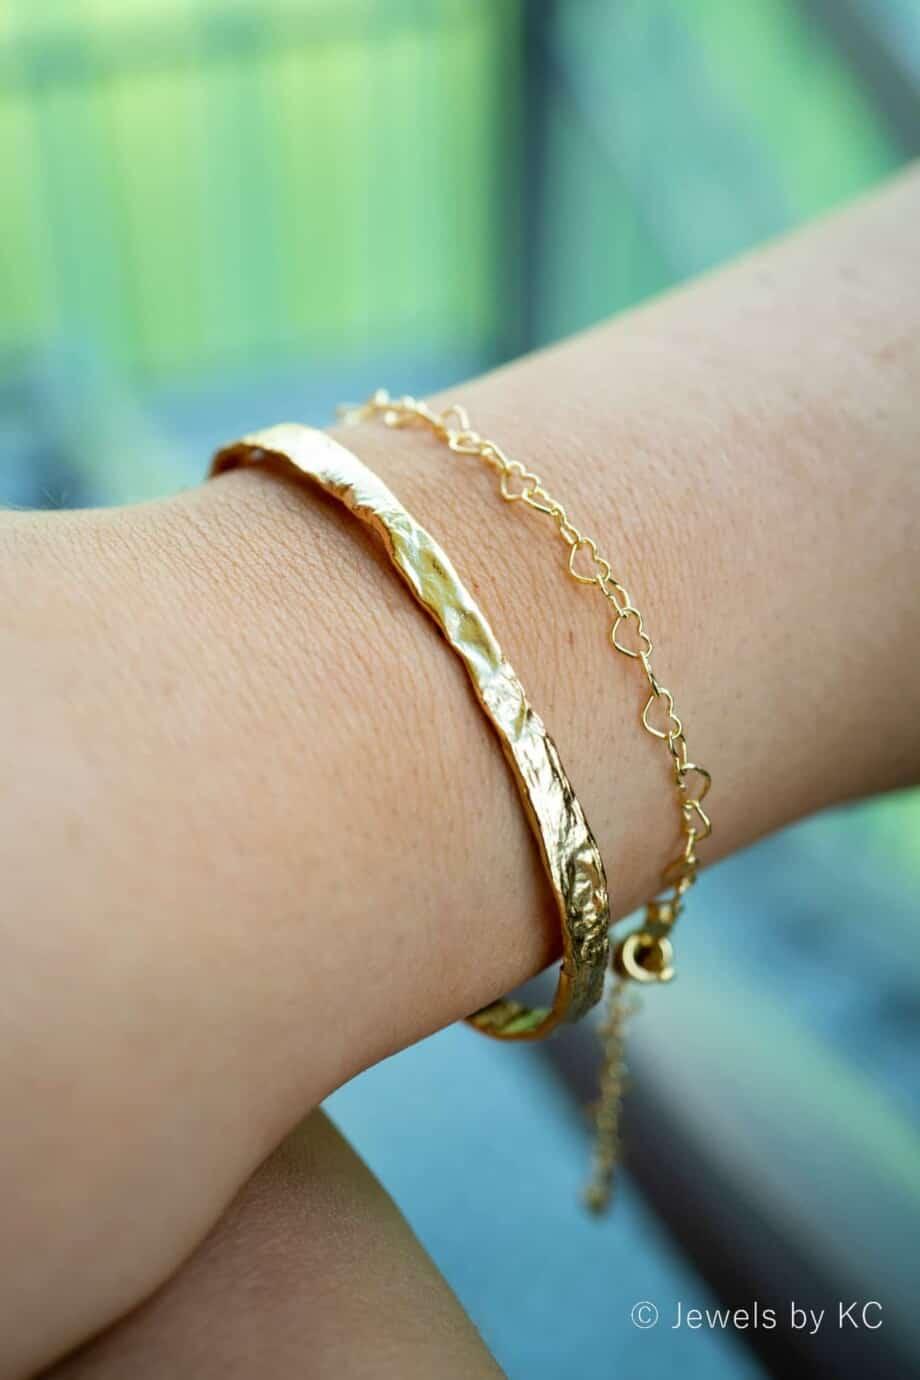 Gouden armband 'Vintage Cuff Bangle' van Goud op Zilver